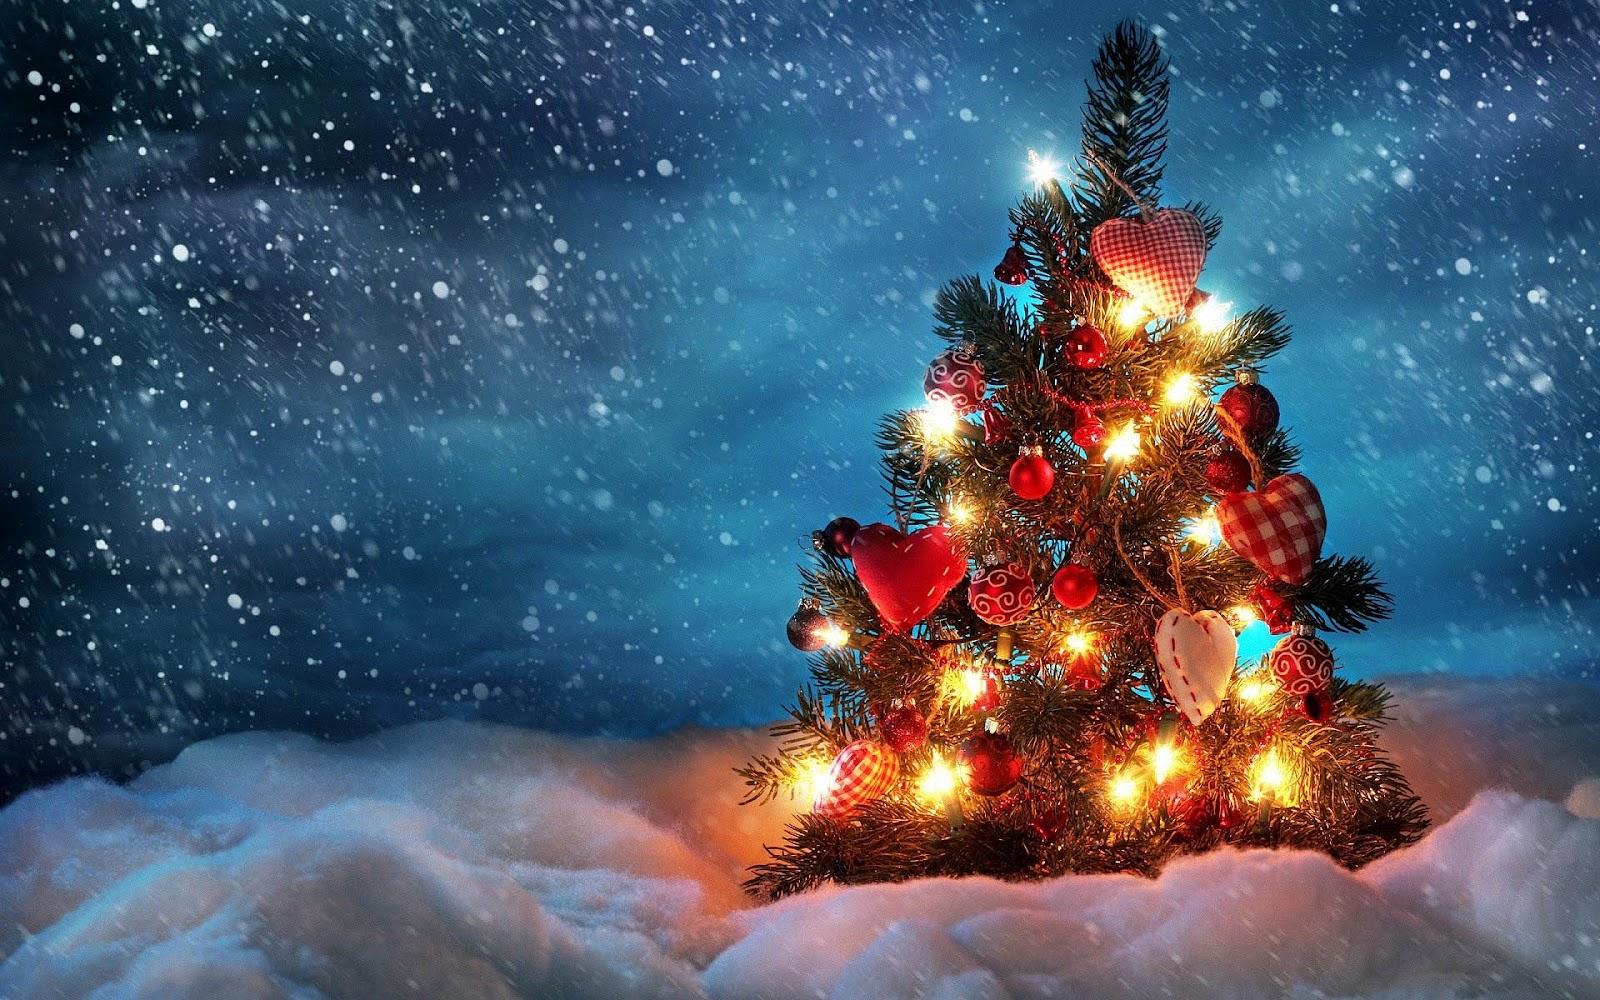 http://4.bp.blogspot.com/-u3OSXPGoKFI/UCkKT6myjJI/AAAAAAAAEqE/gOUOmCbIuww/s1600/hd-kerst-wallpaper-met-een-brandende-kerstboom-en-sneeuw-kerst-achtergrond-foto.jpg